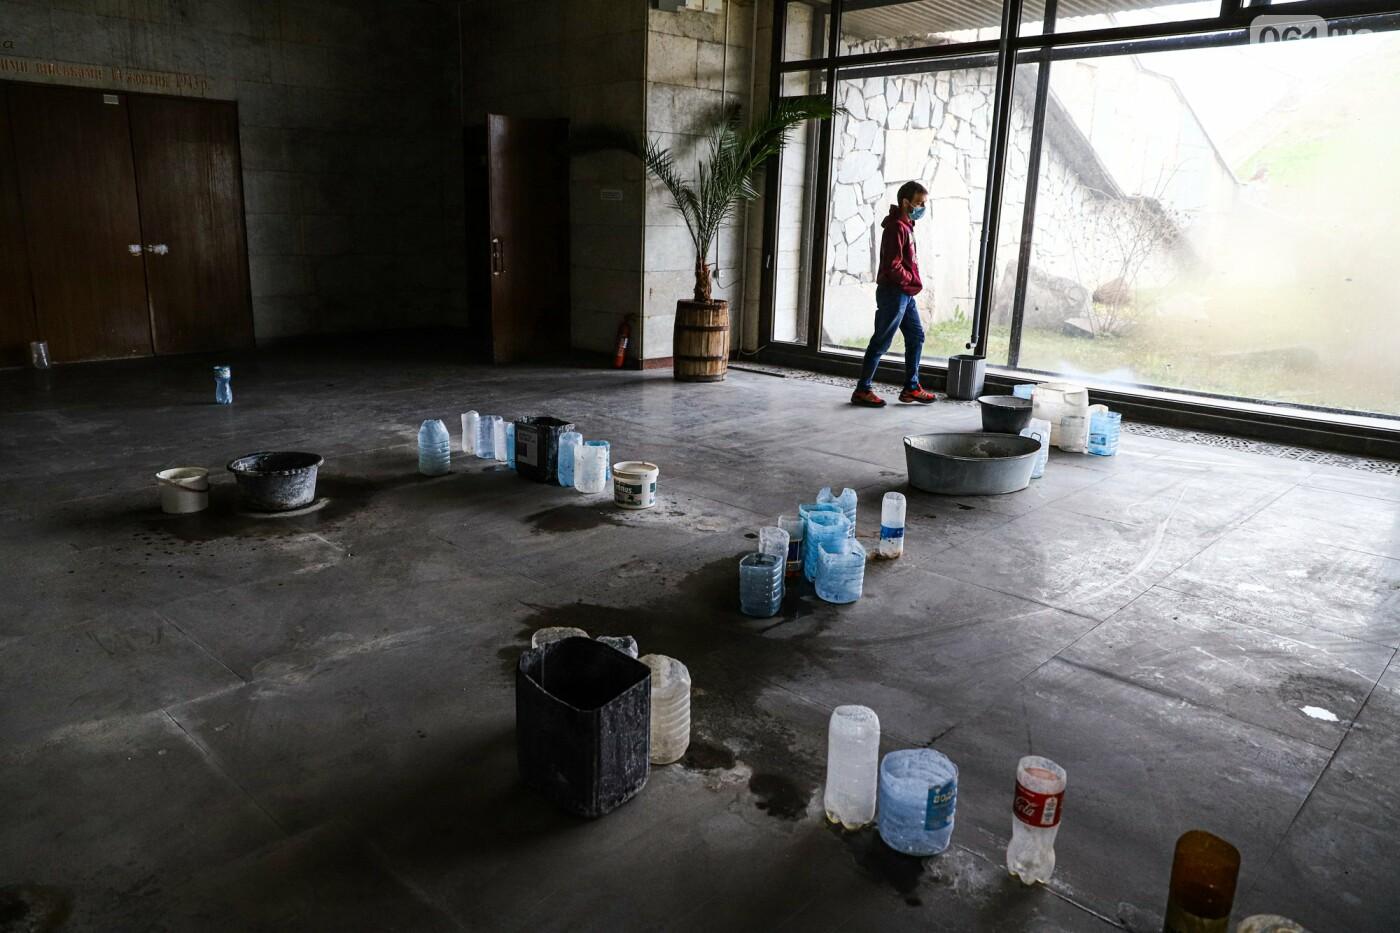 Музей истории запорожского казачества в ожидании реконструкции: как сейчас выглядит аварийное здание, - ФОТОРЕПОРТАЖ, фото-36